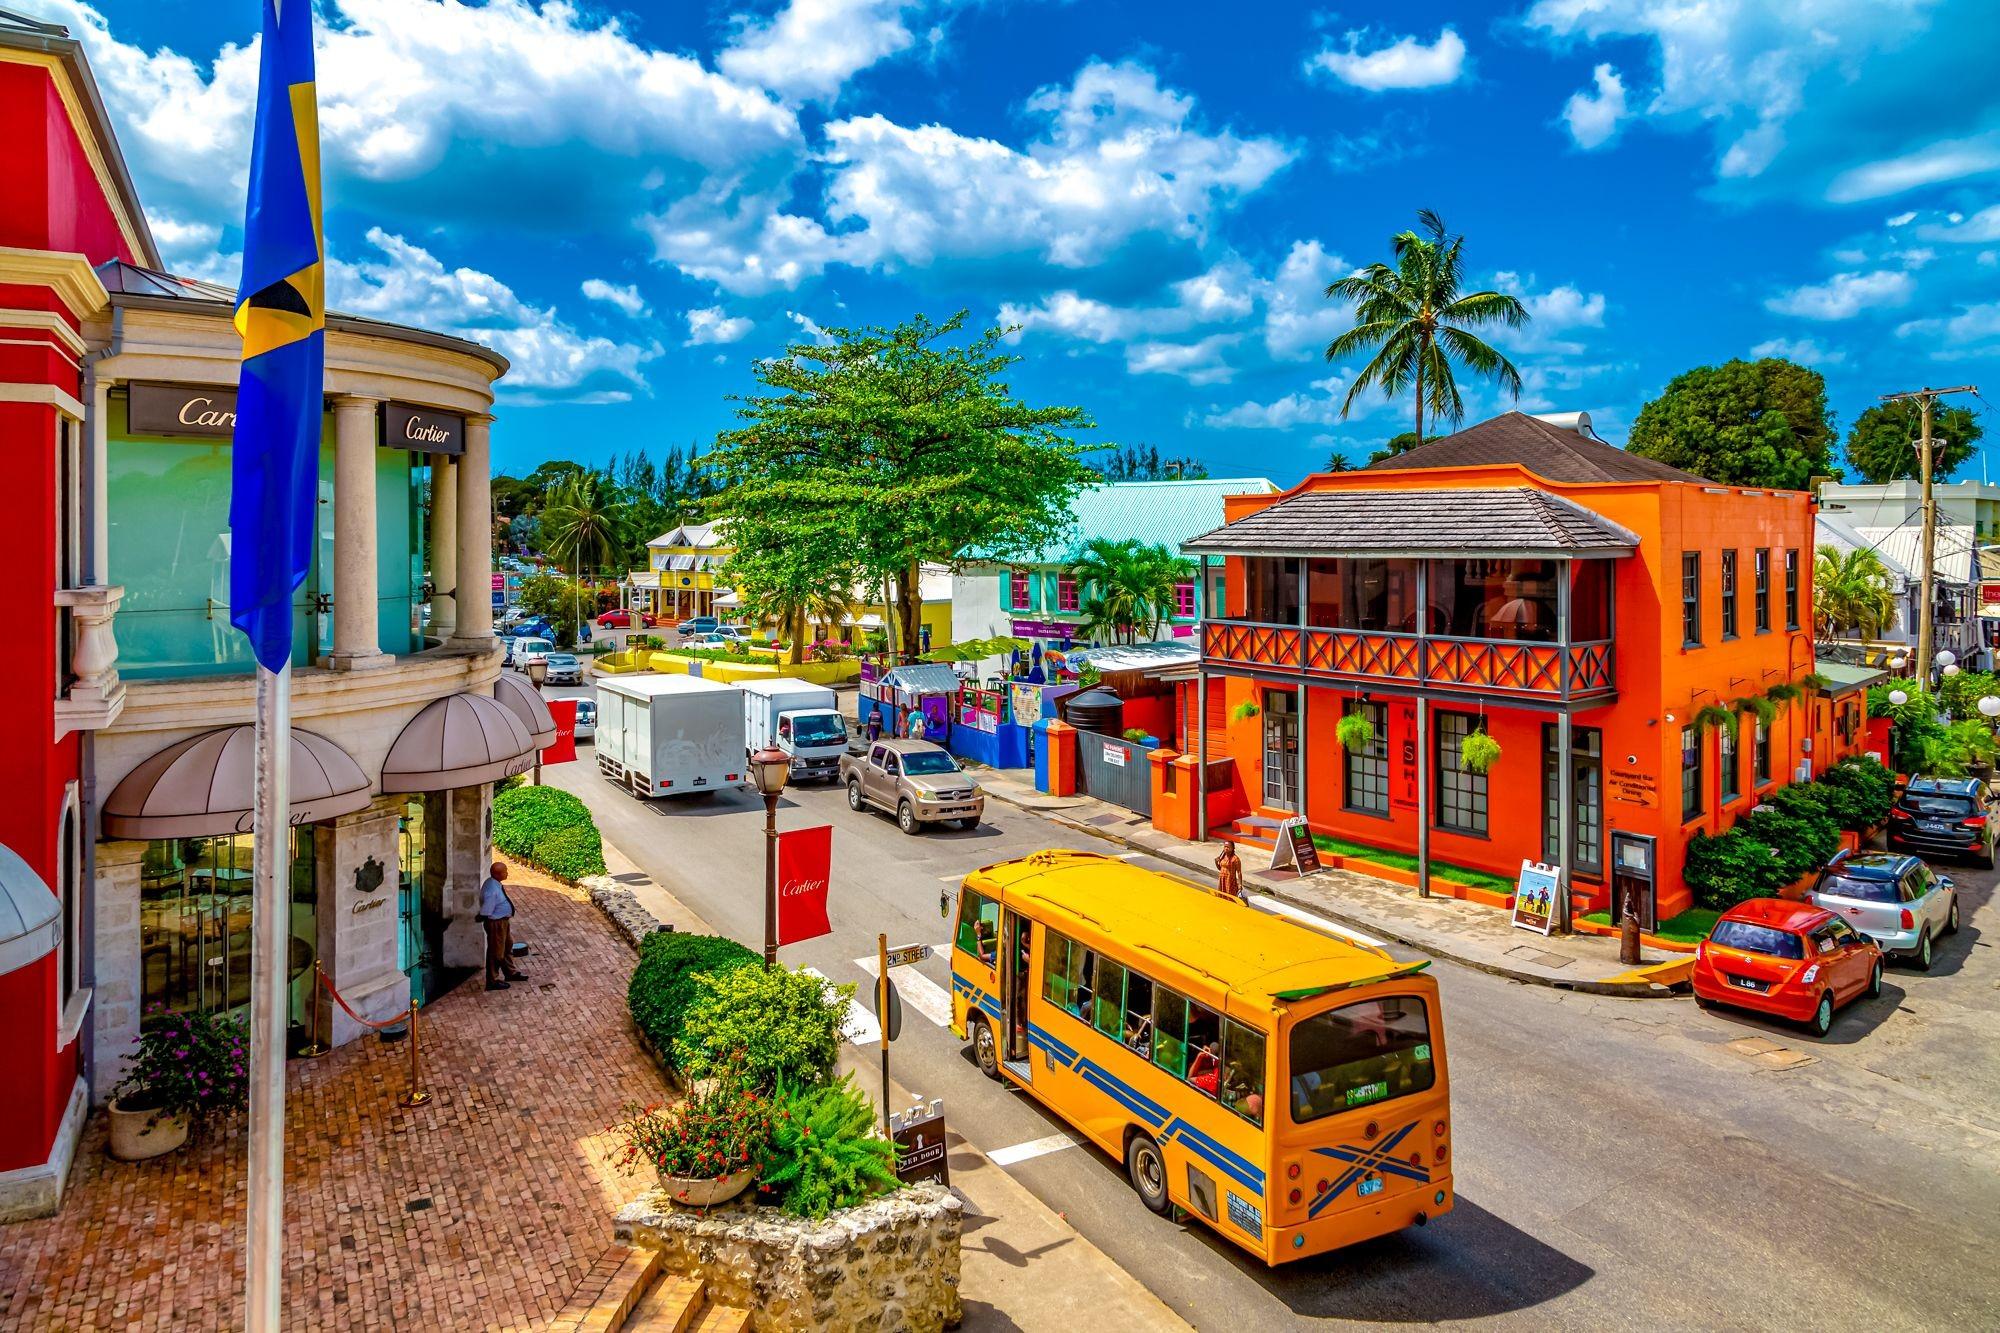 جزيرة باربادوس تطالب بالتخلي عن الحكم الملكي البريطاني .. ما حكايتها؟